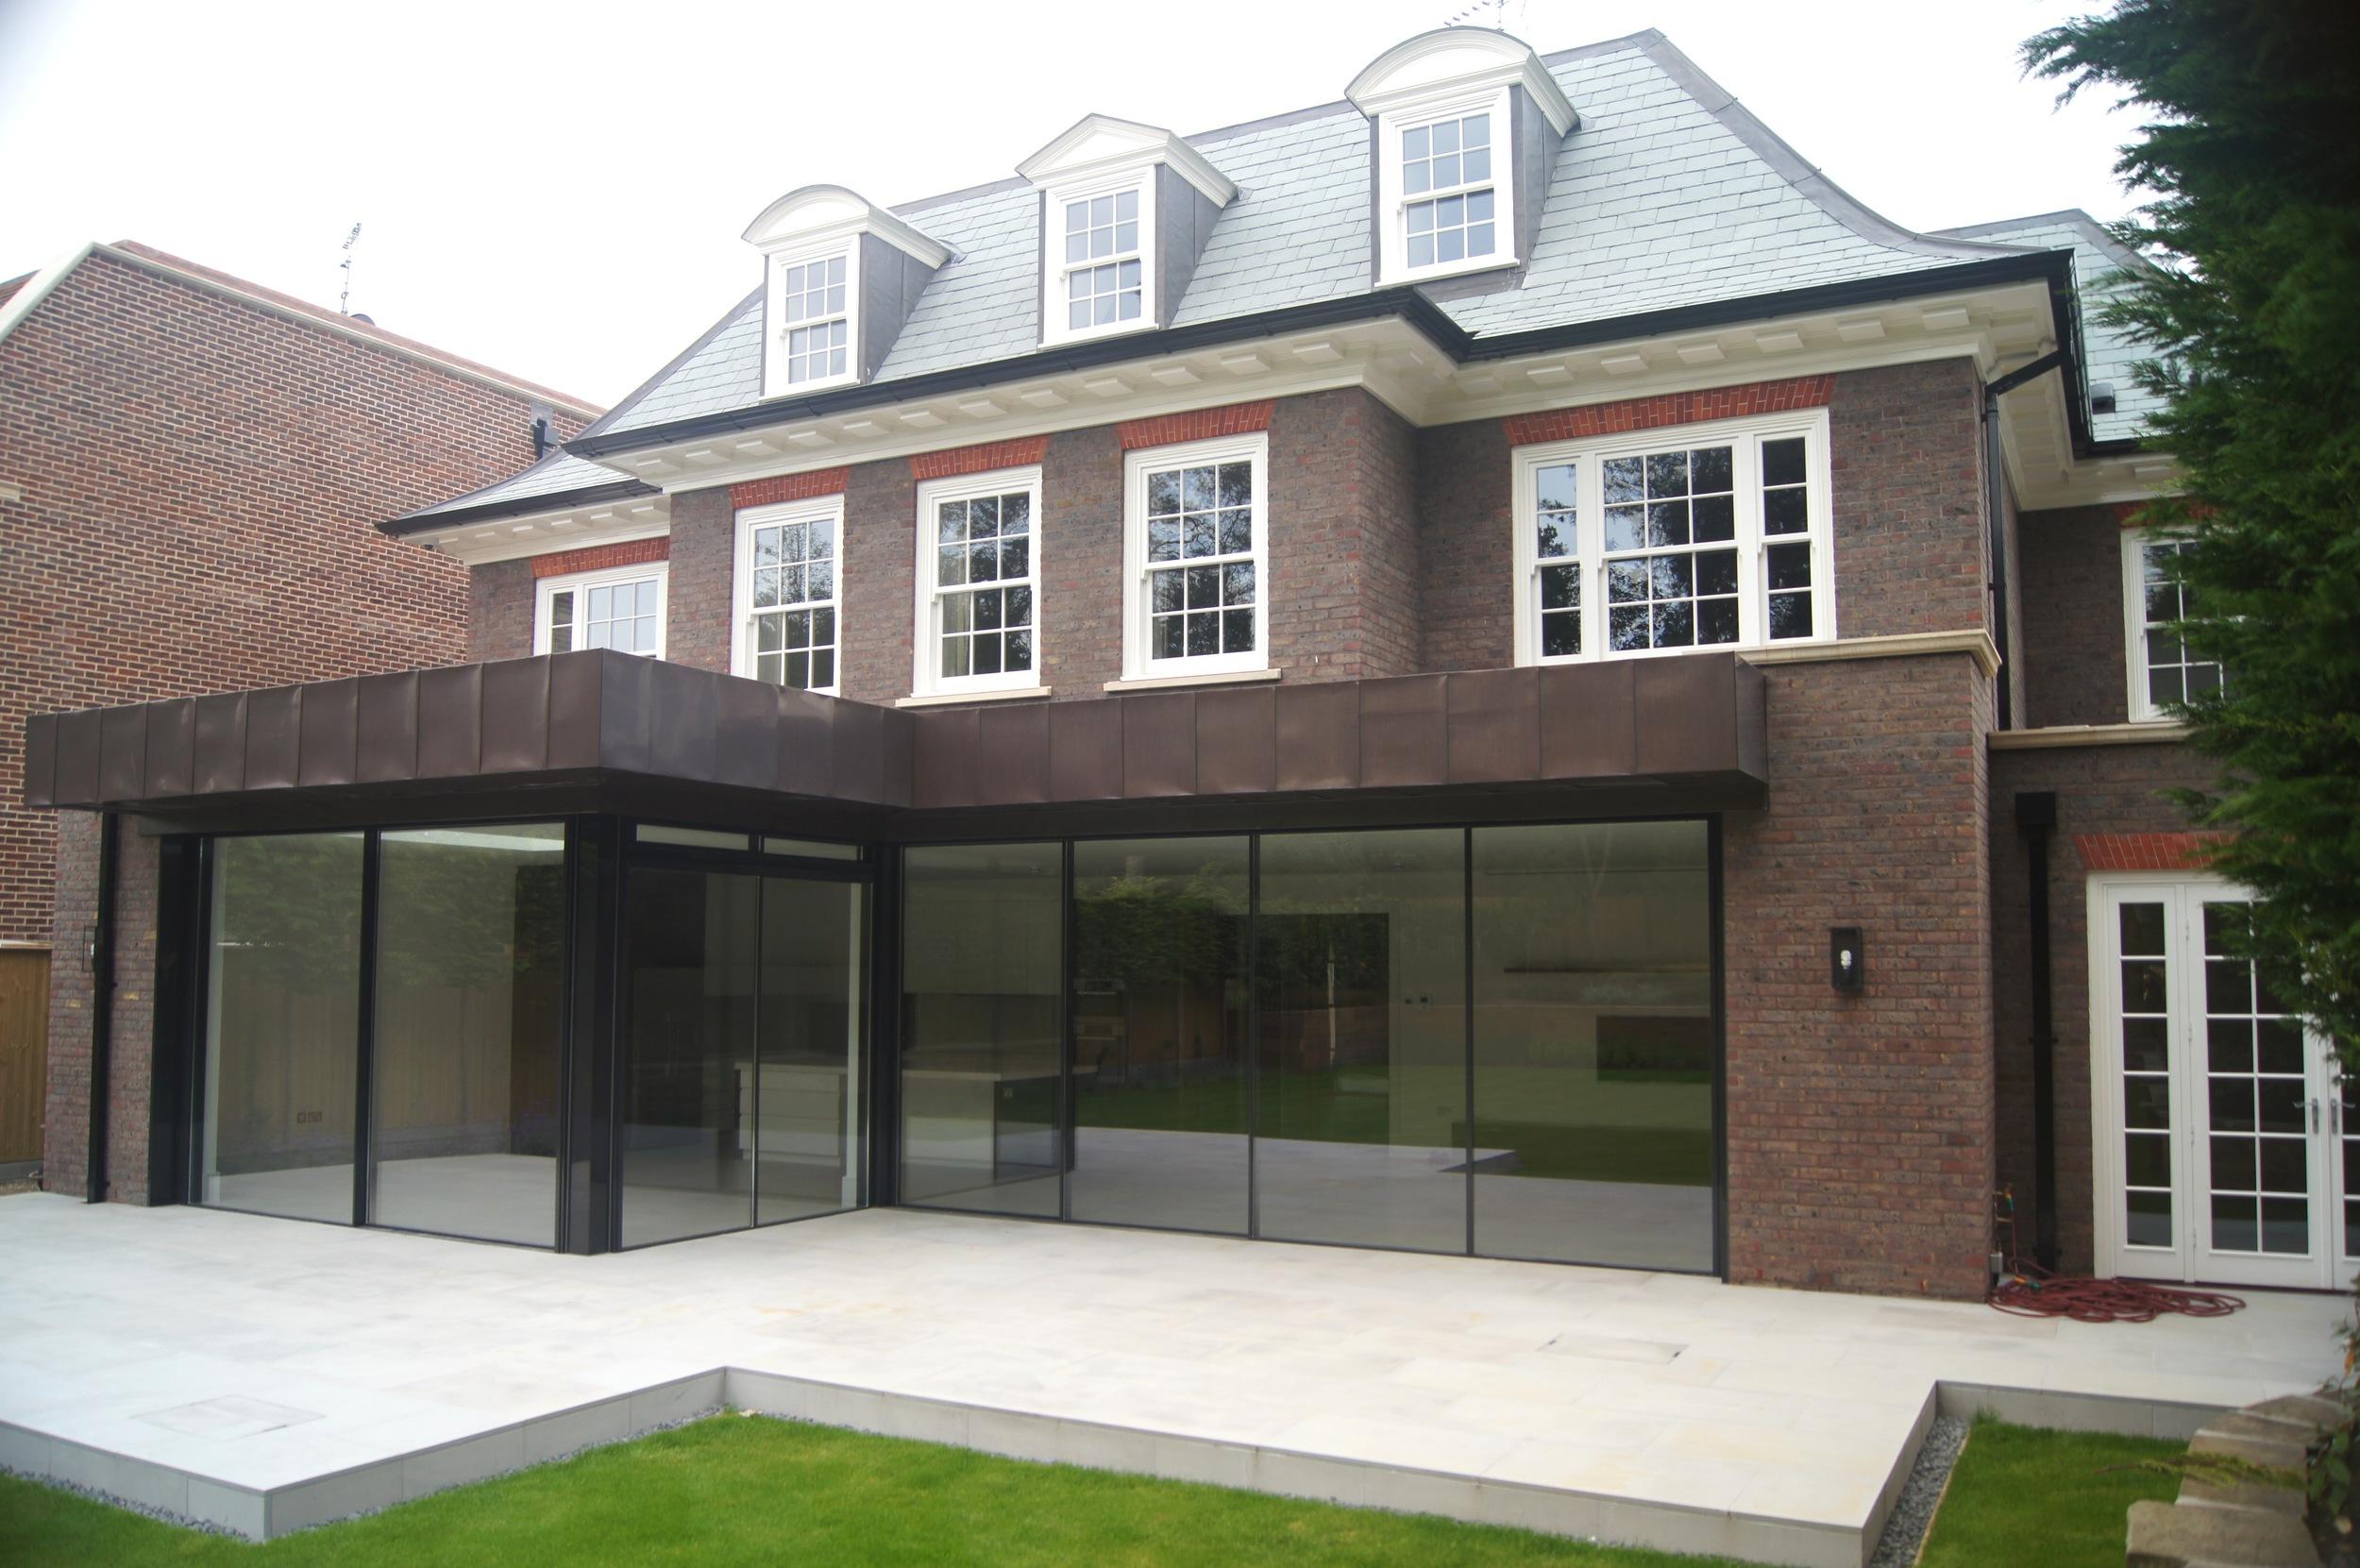 Vitrocsa large glazed sliding panel minimal windows not Panoramah